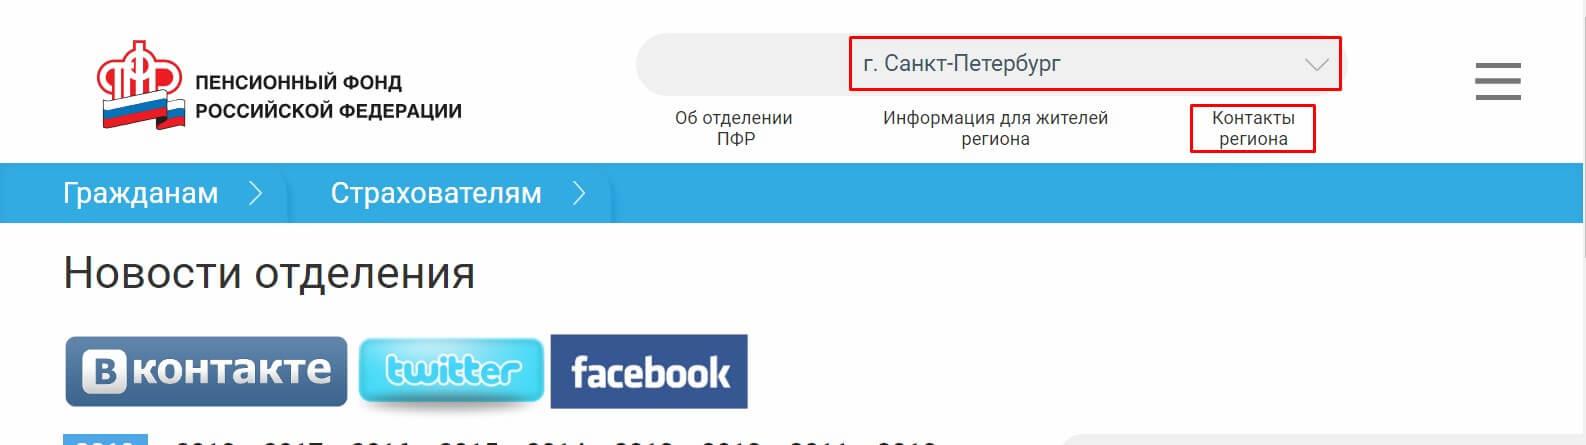 Пенсионный фонд Московского района СПБ